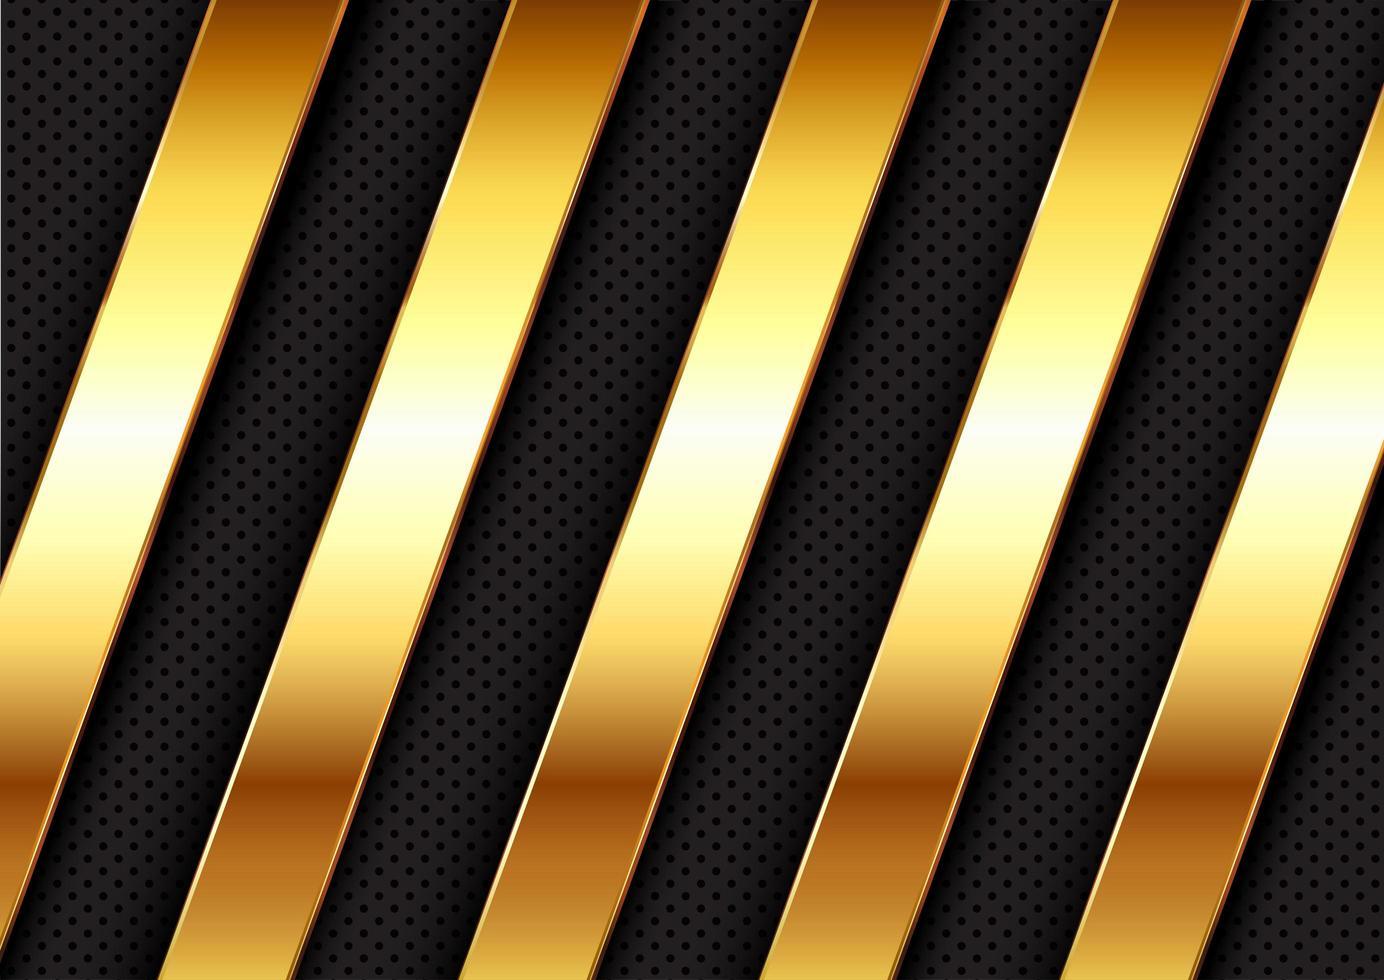 sfondo astratto con barre metalliche oro vettore